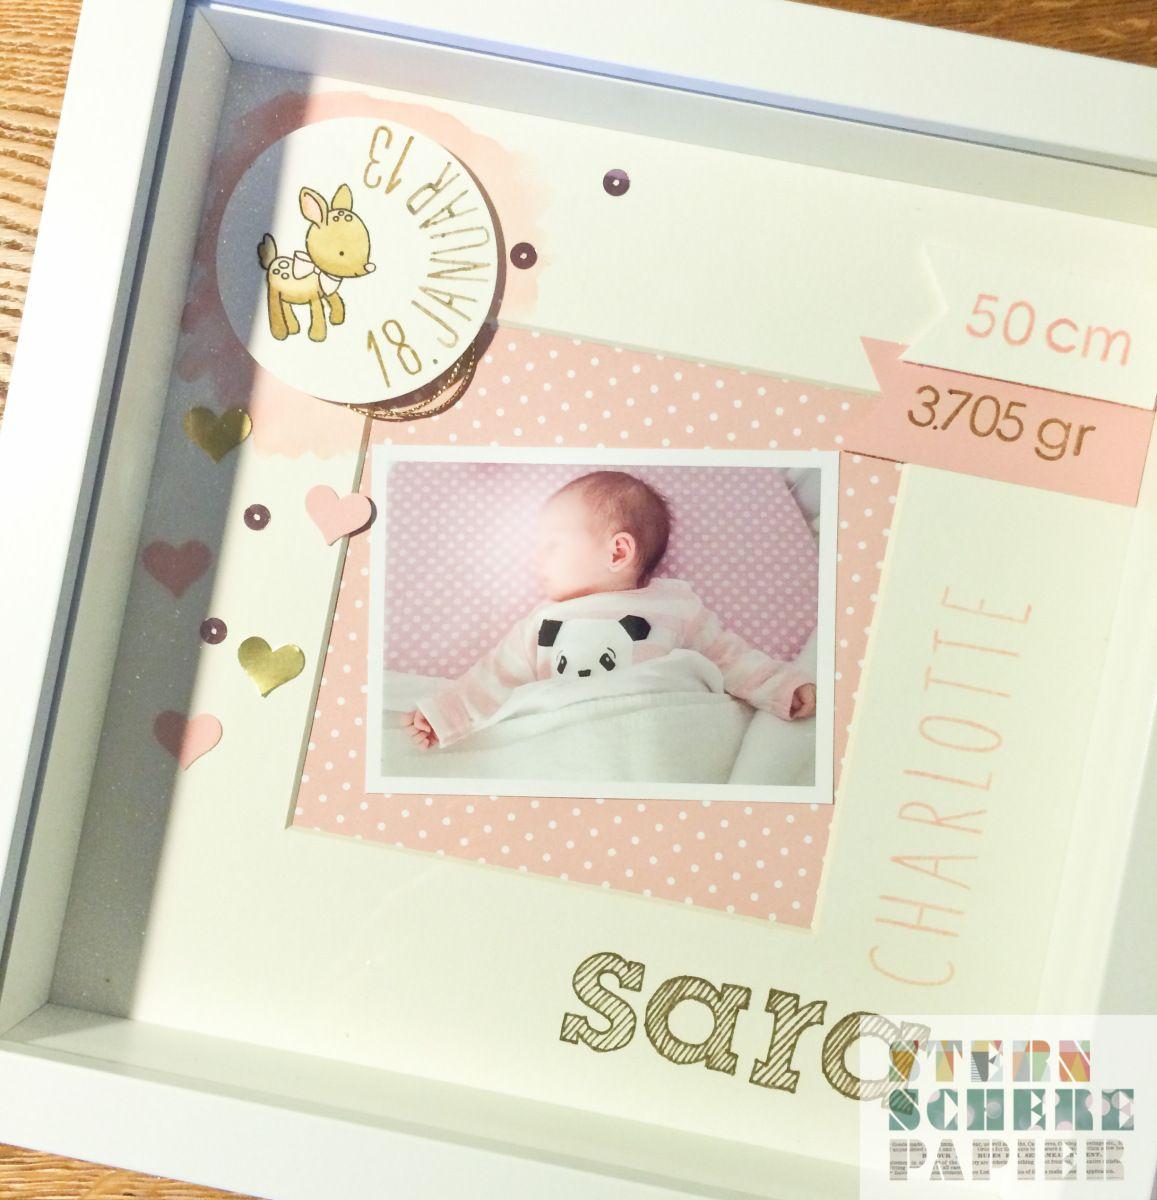 Babygeschenke rahmen facebook und babys for Ribba rahmen gestalten